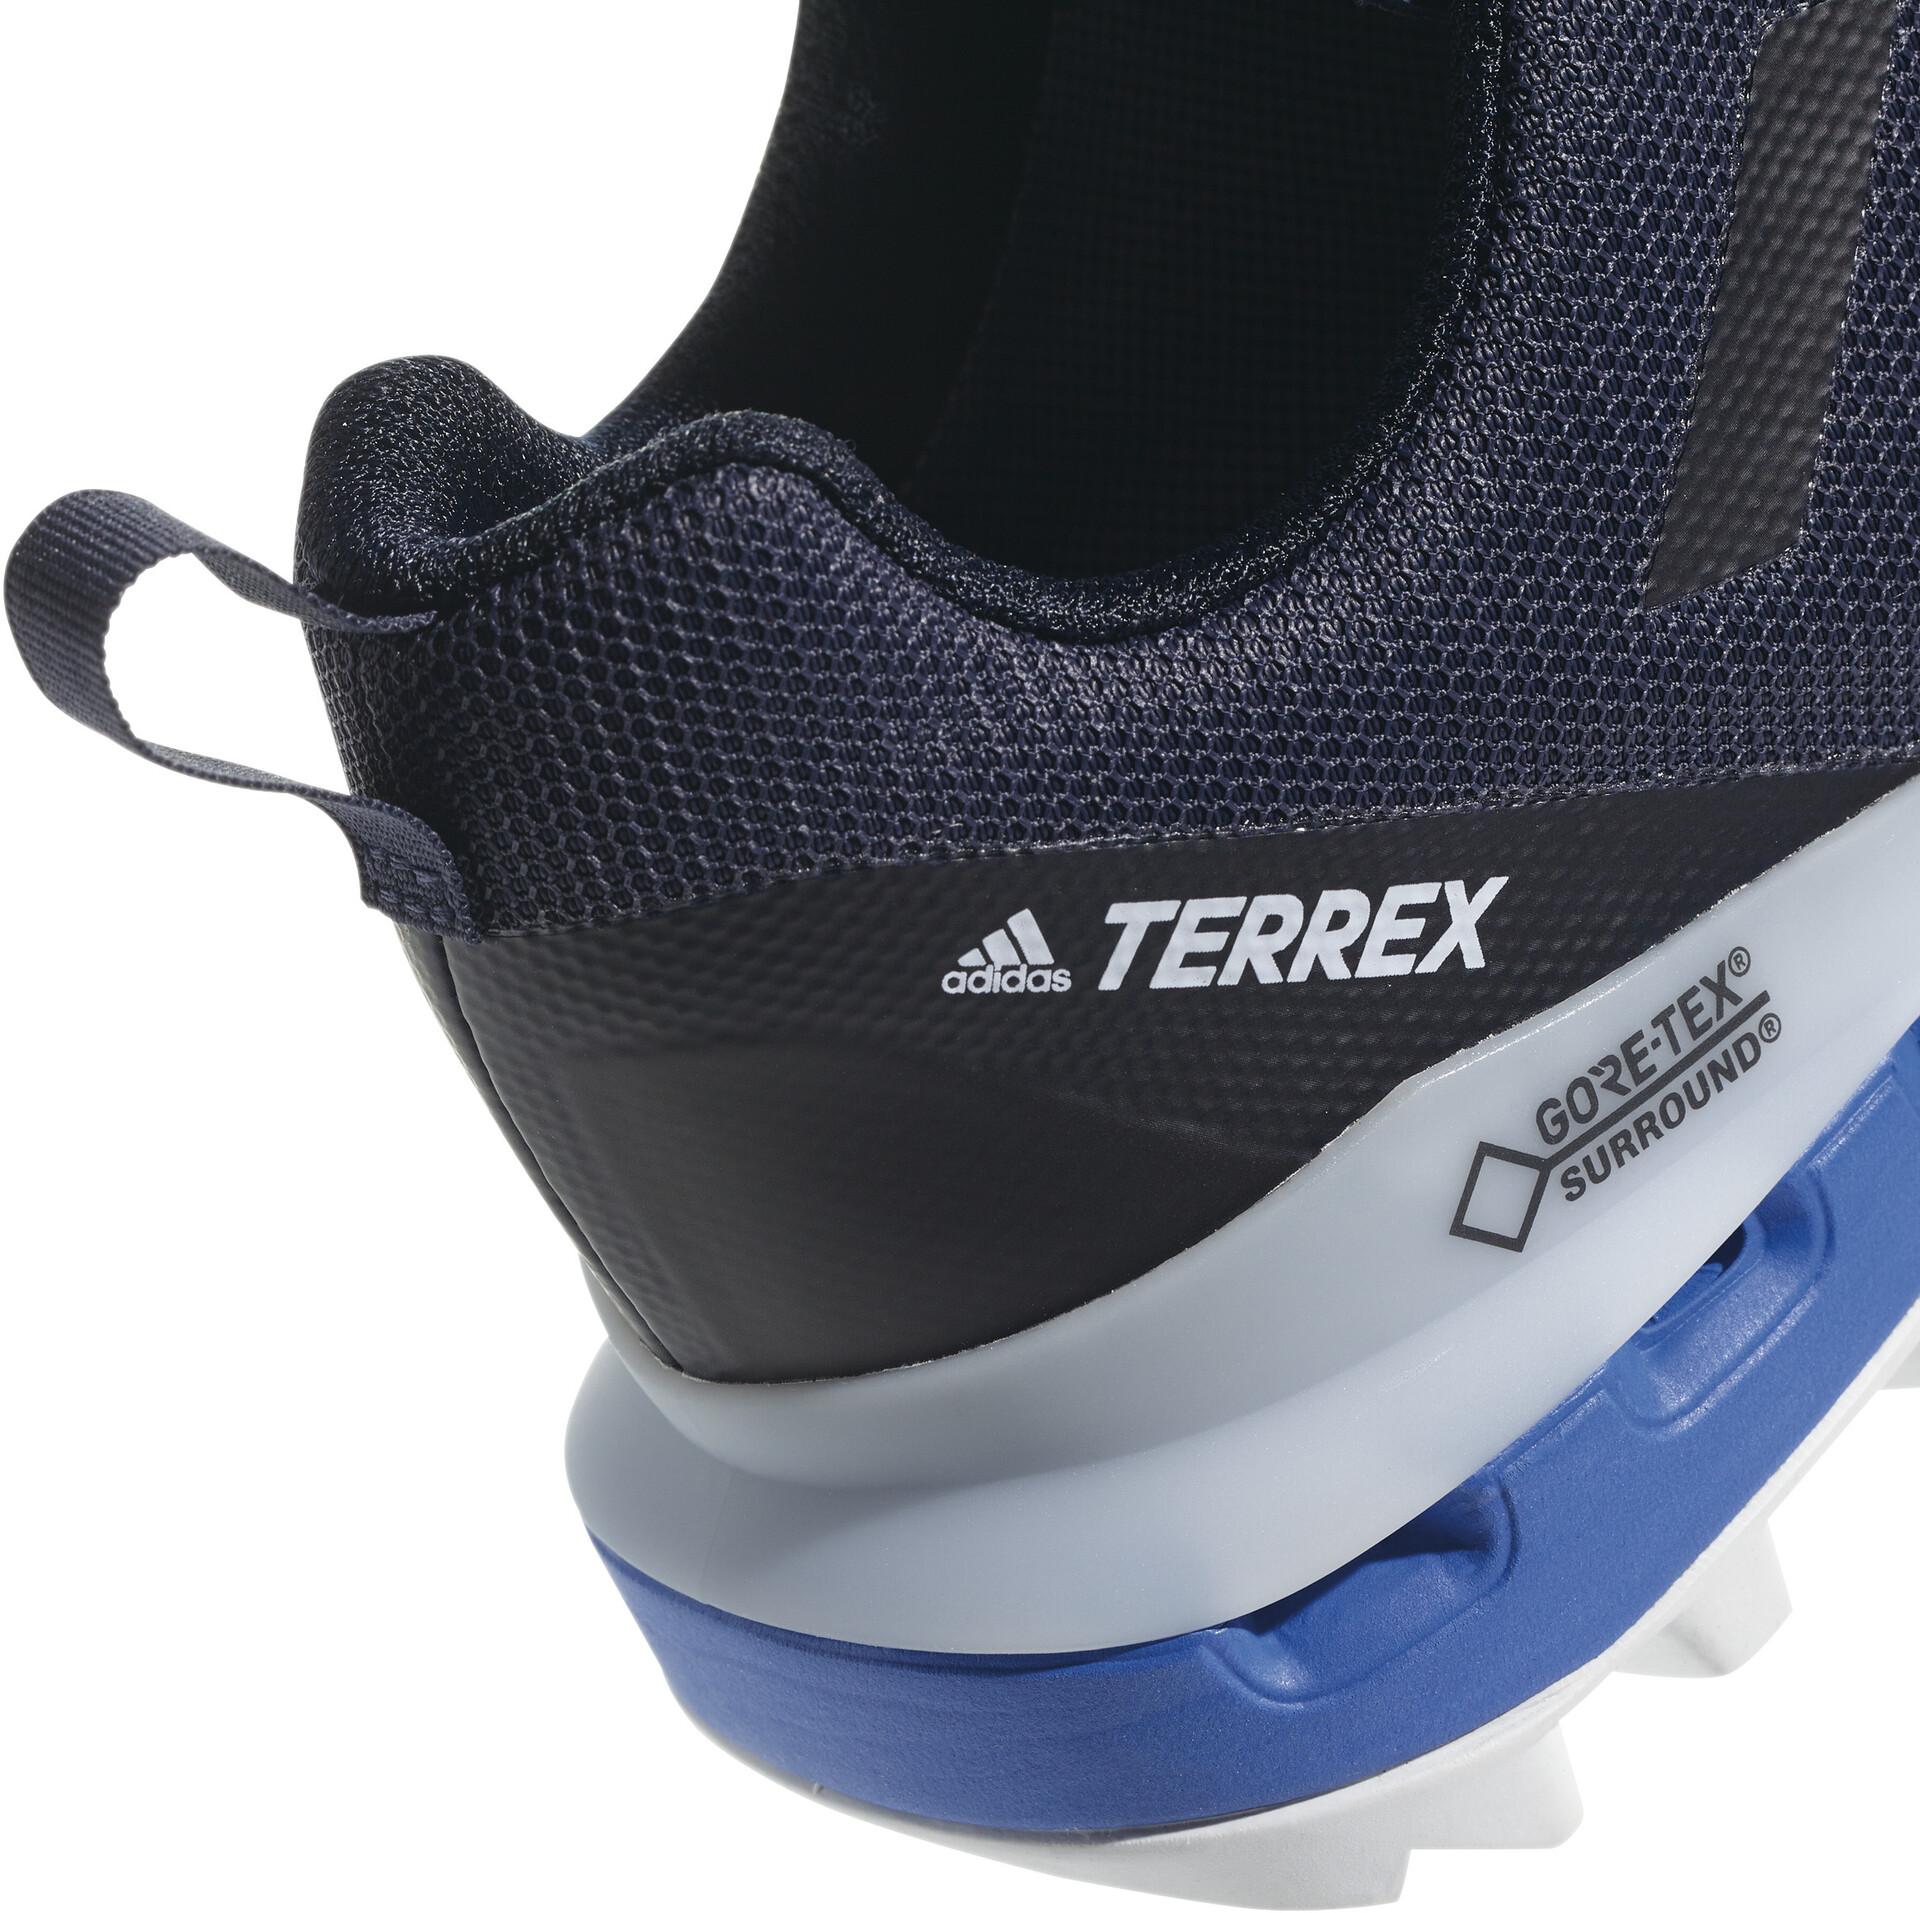 adidas TERREX Fast GTX Shoes Dame legend inklegend inkhi res blue